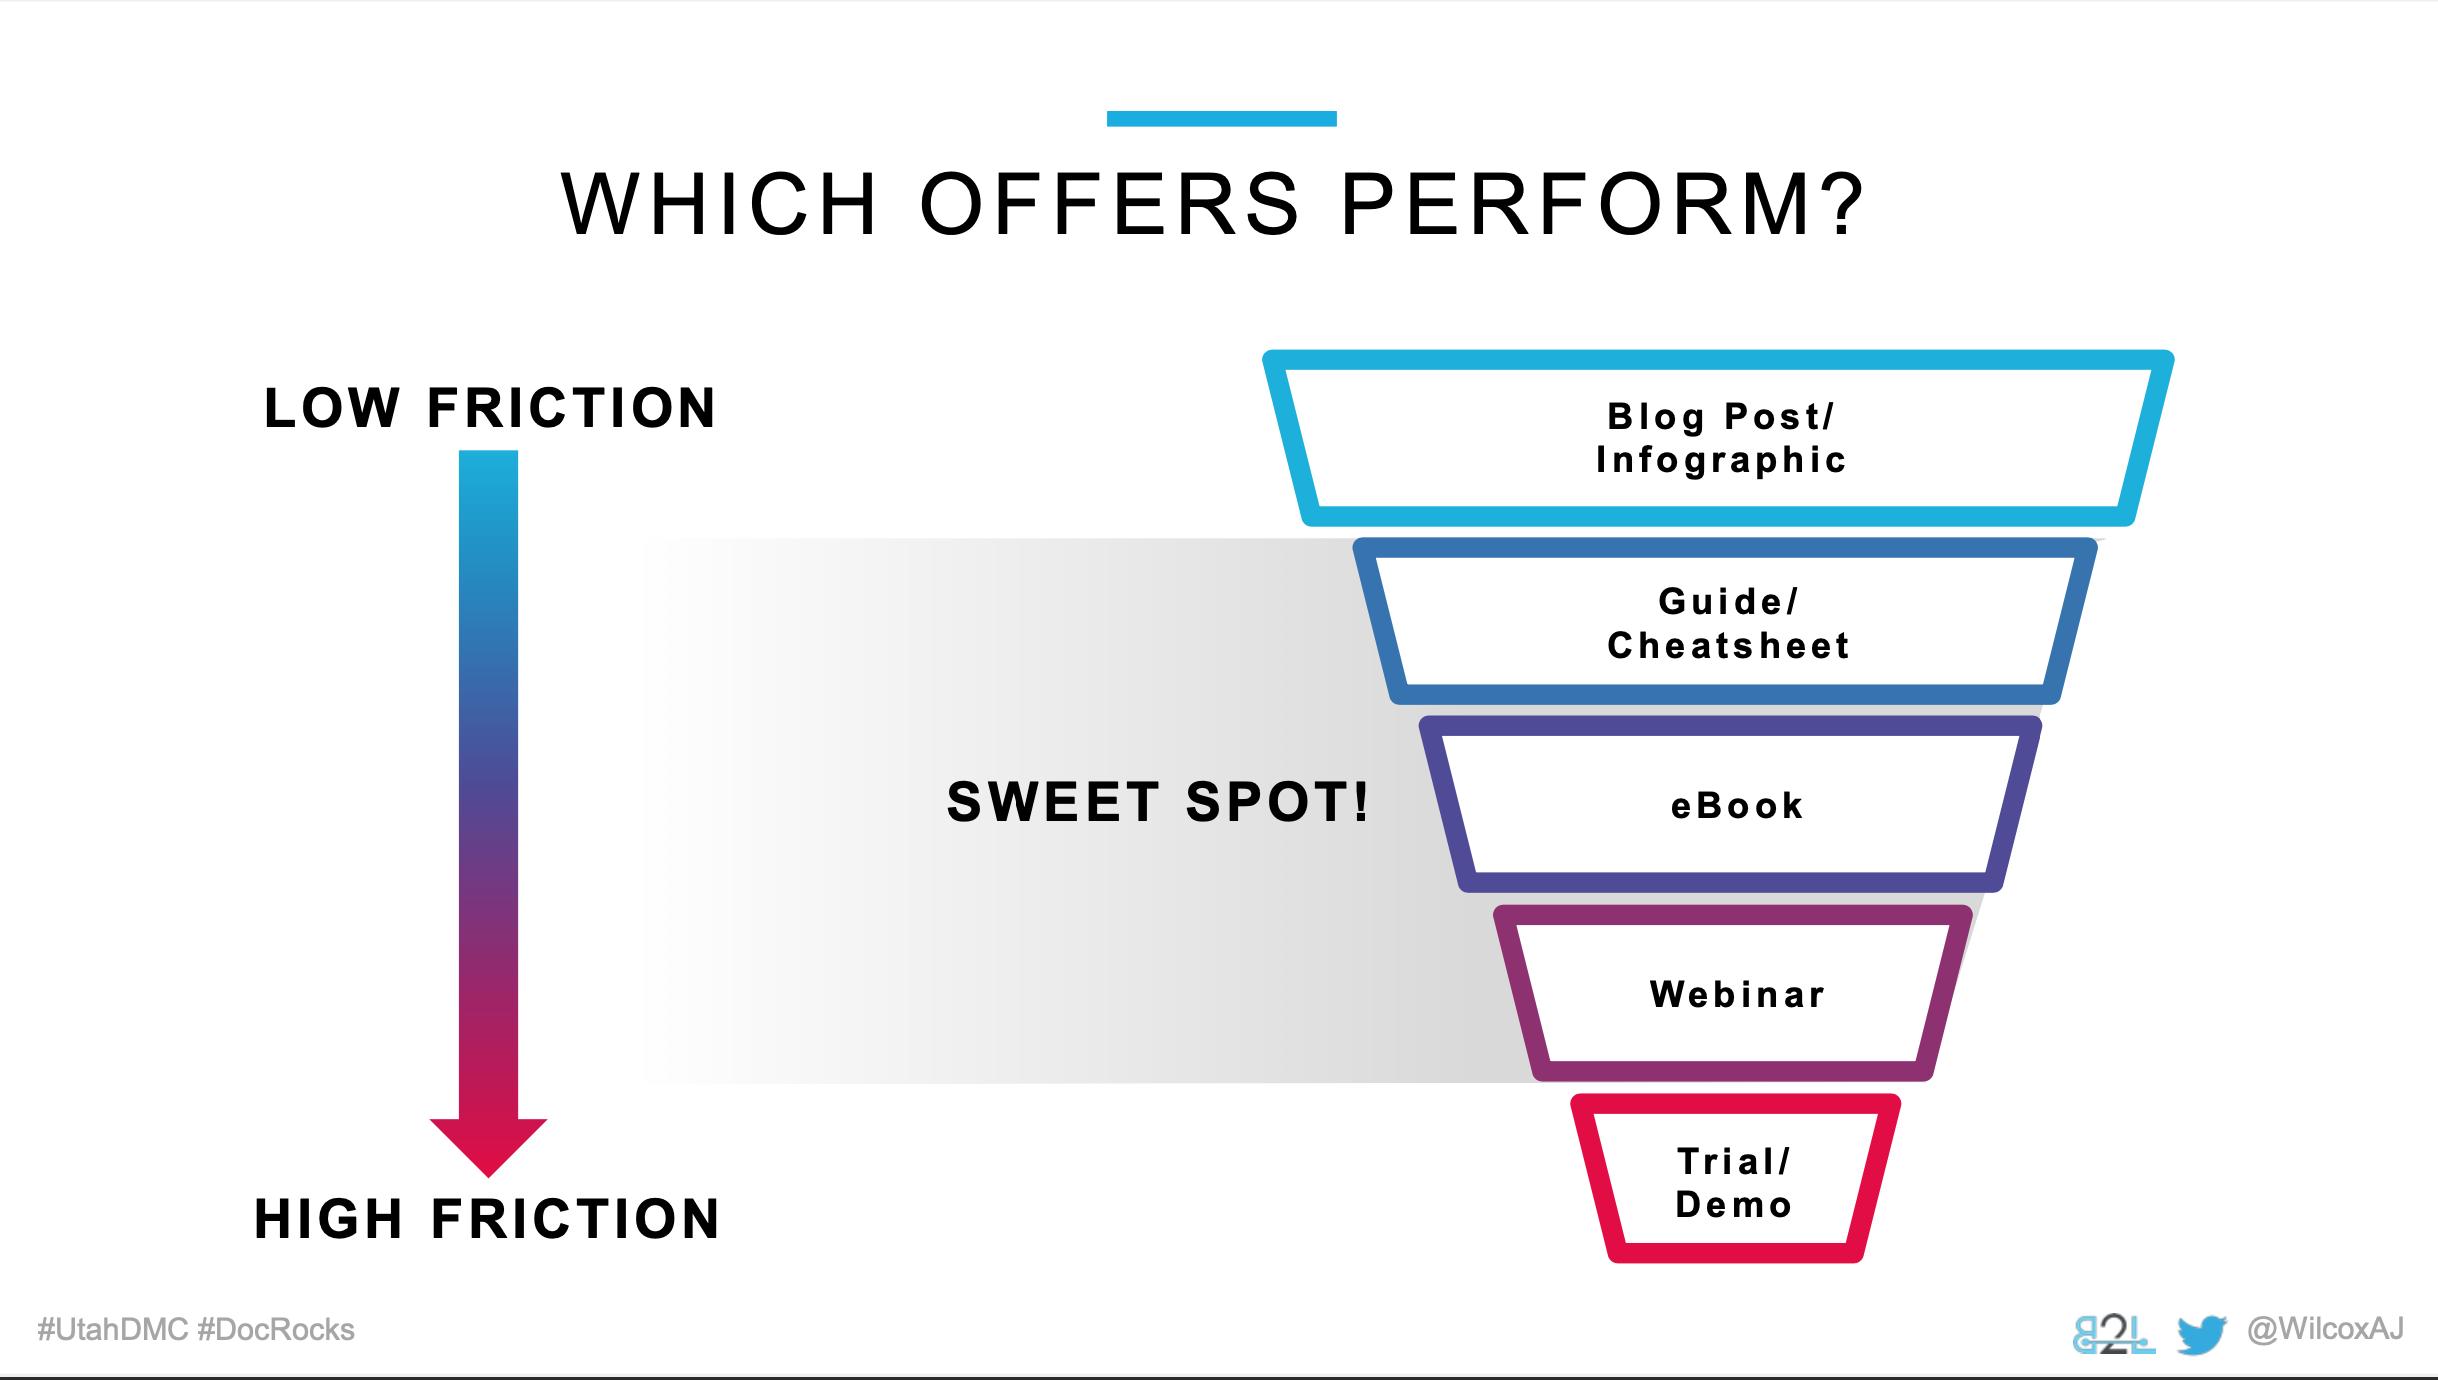 Utah DMC LinkedIn Ads - Aj Wilcox - Which Offers Perform